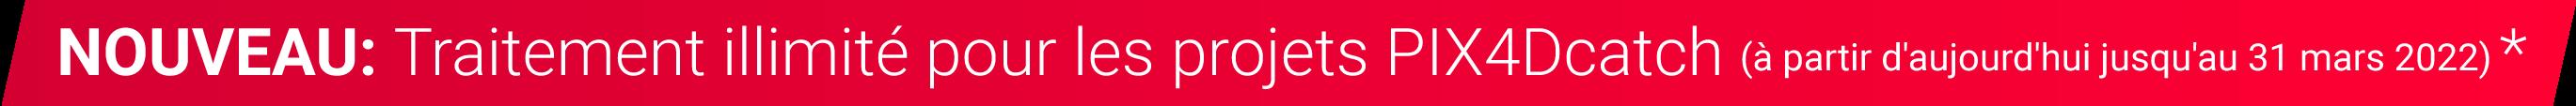 Traitement illimité pour les projets PIX4Dcatch